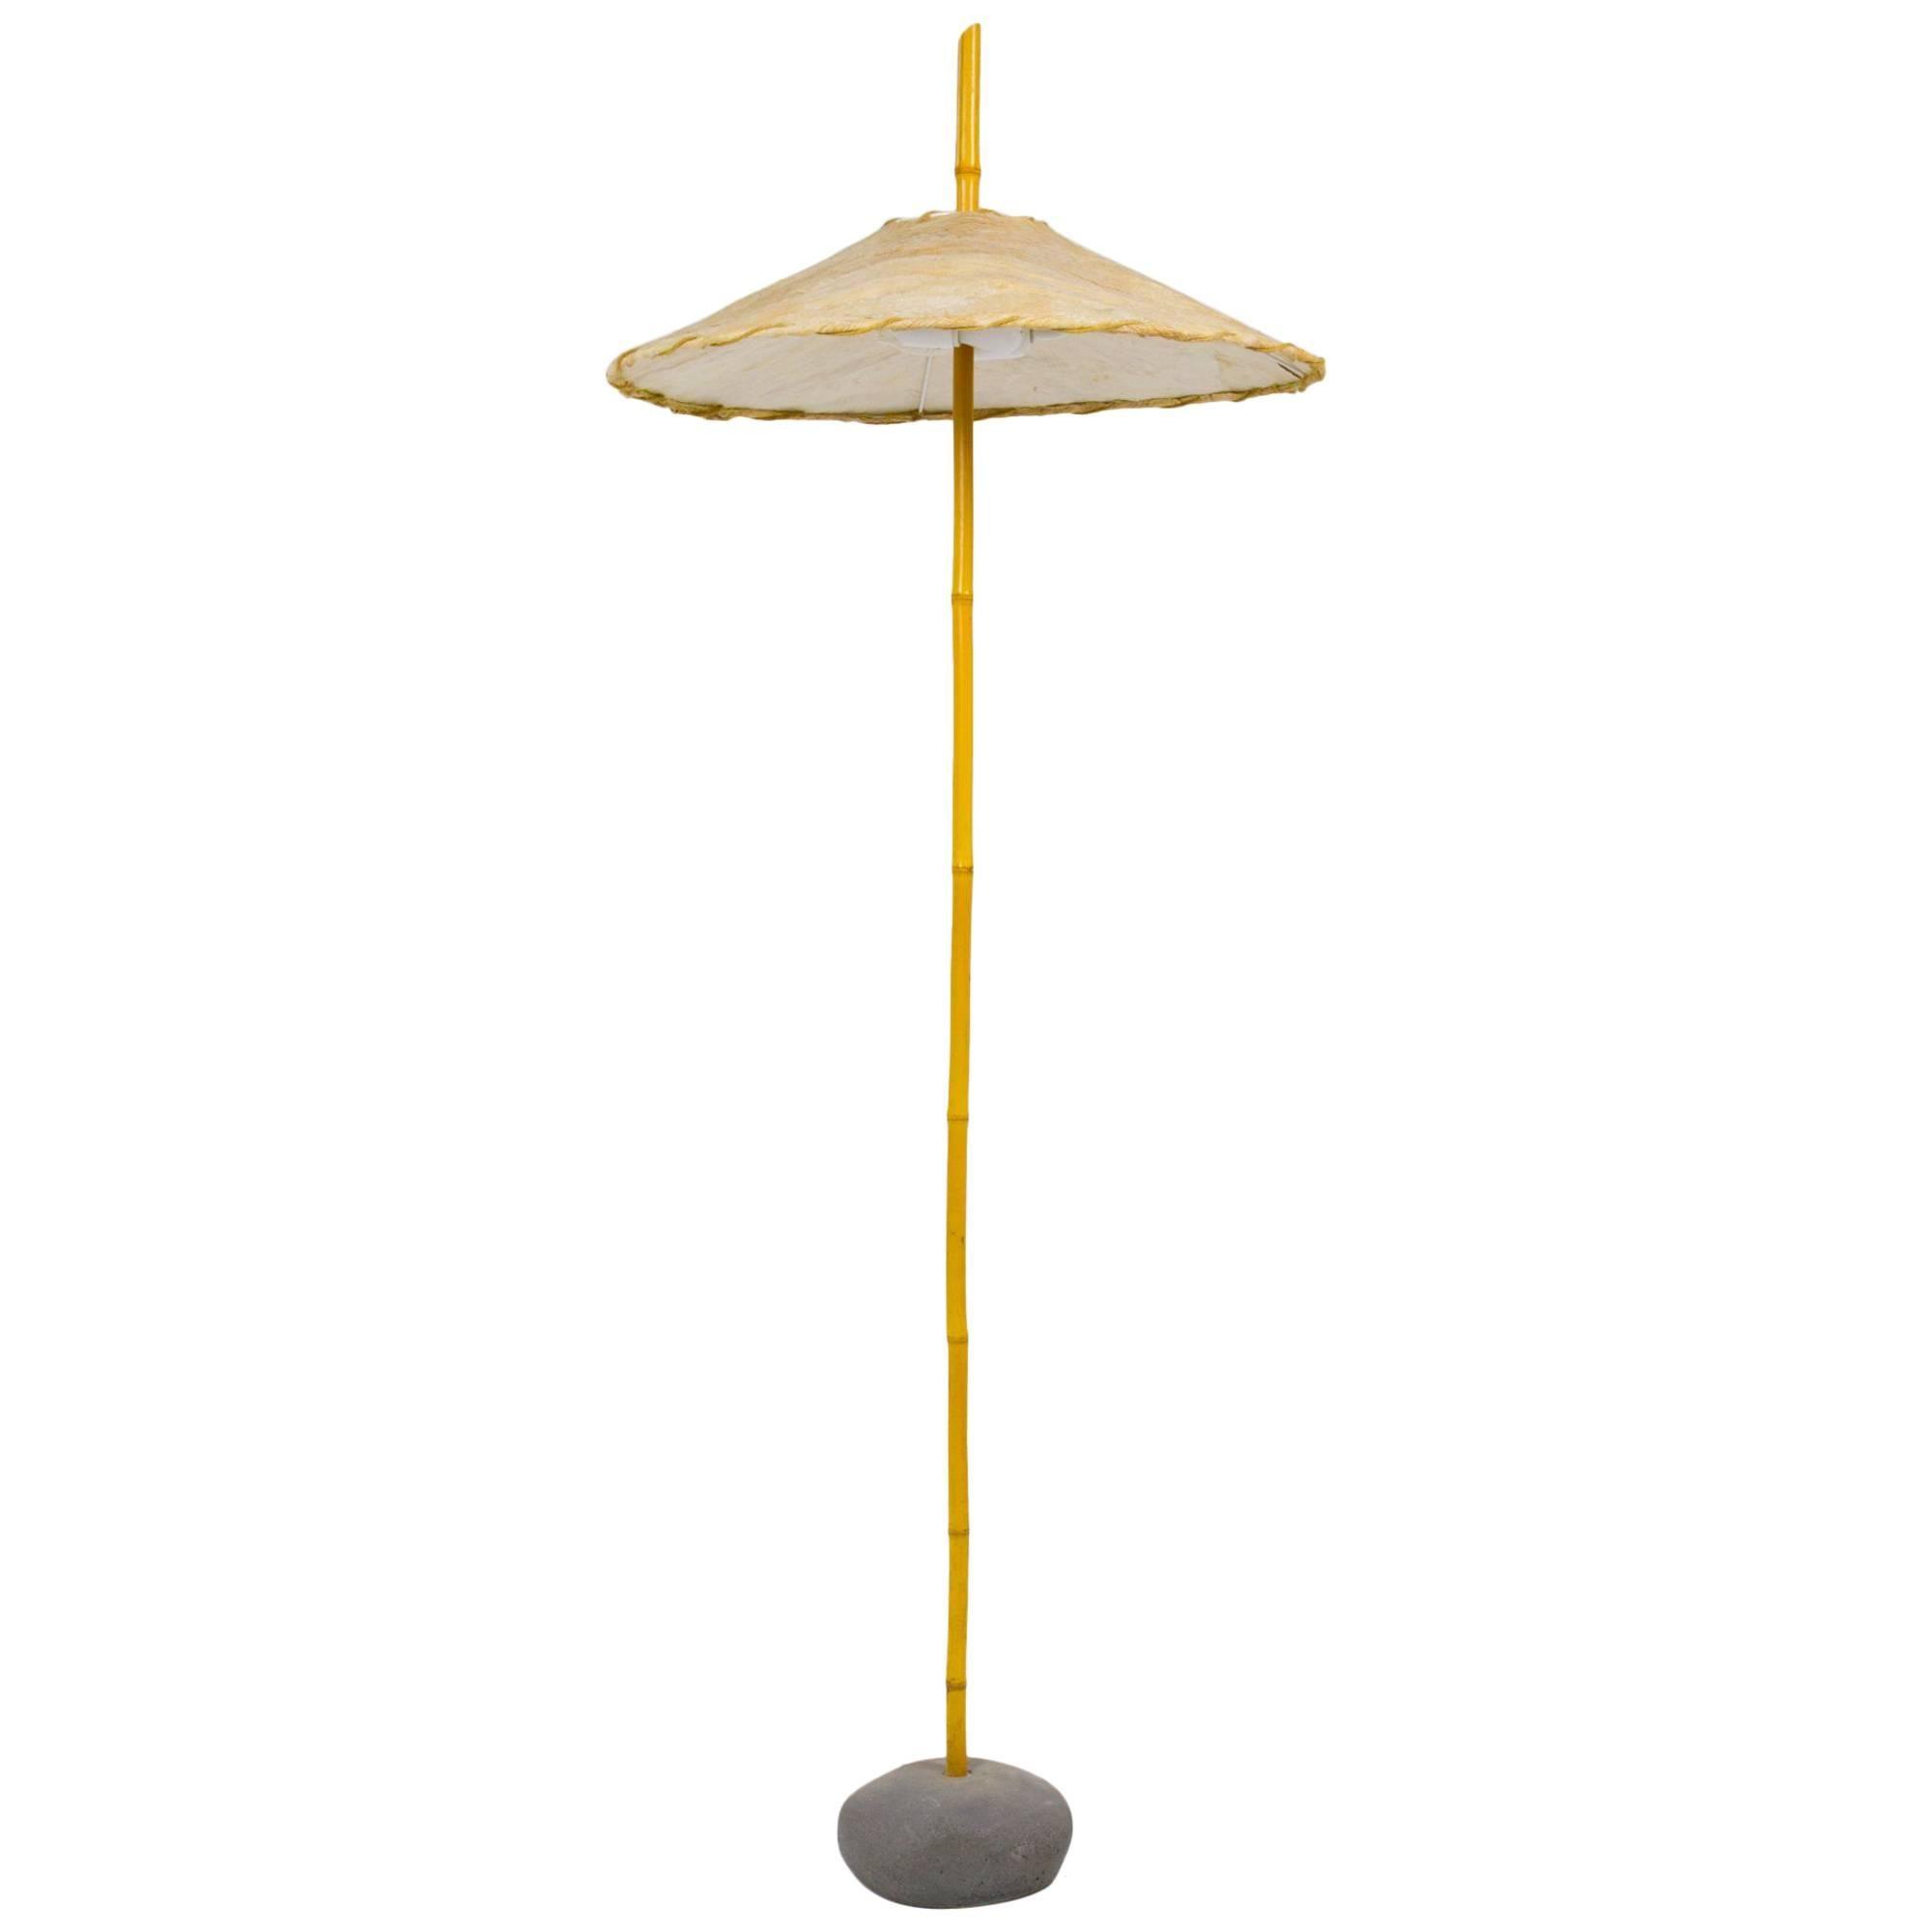 Robert Sonneman Bamboo Floor Lamp For Kovacs For Sale